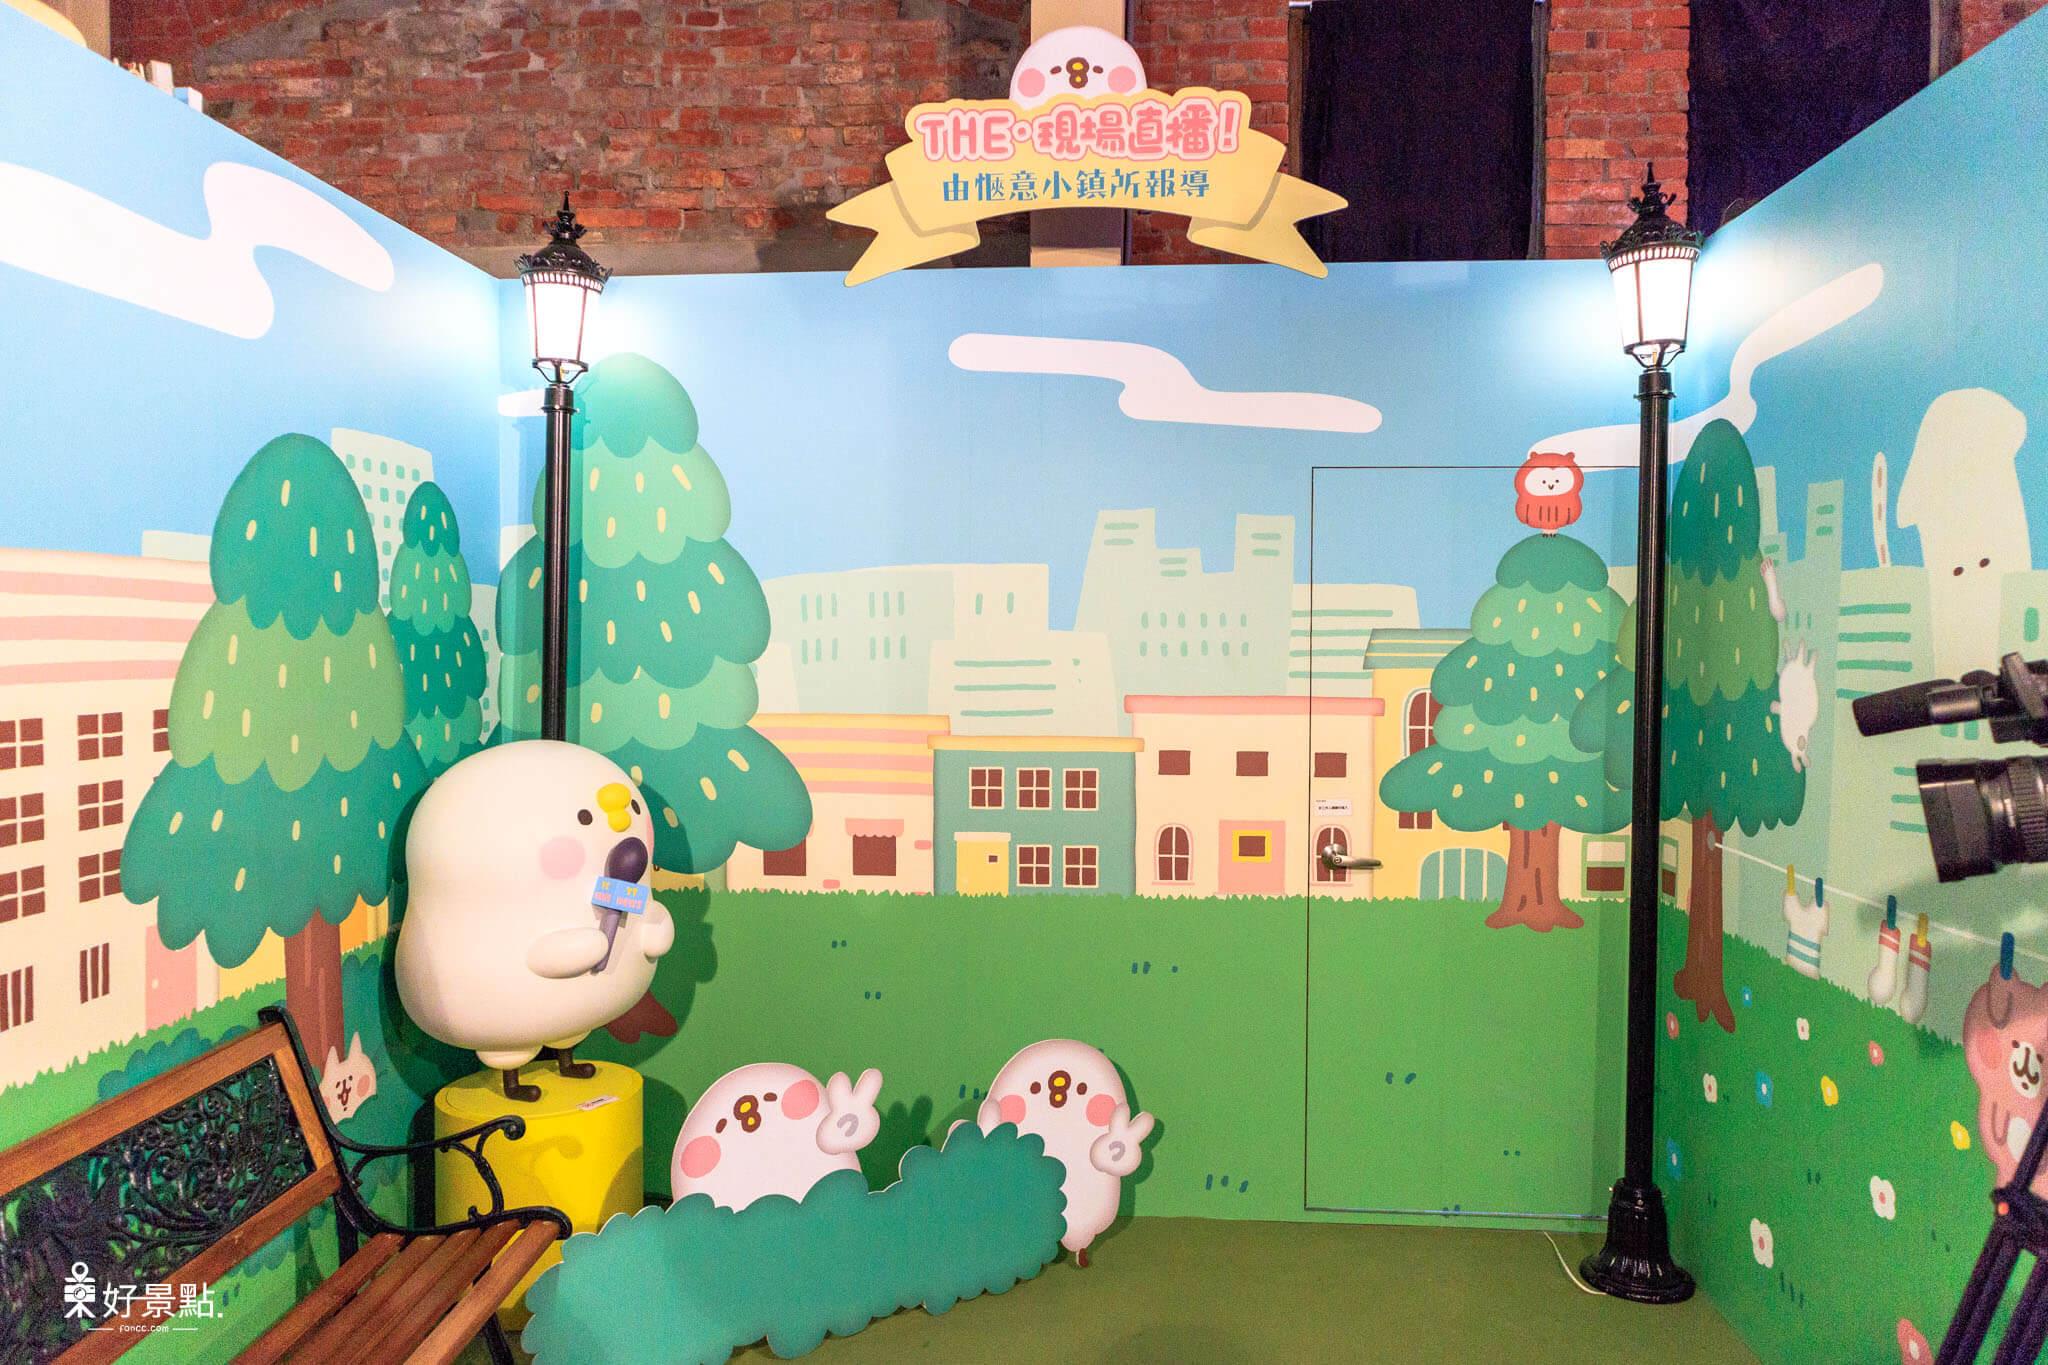 |台北。中正|卡娜赫拉的愜意小鎮特展-人氣貼圖萌萌的P助與可愛粉紅兔兔